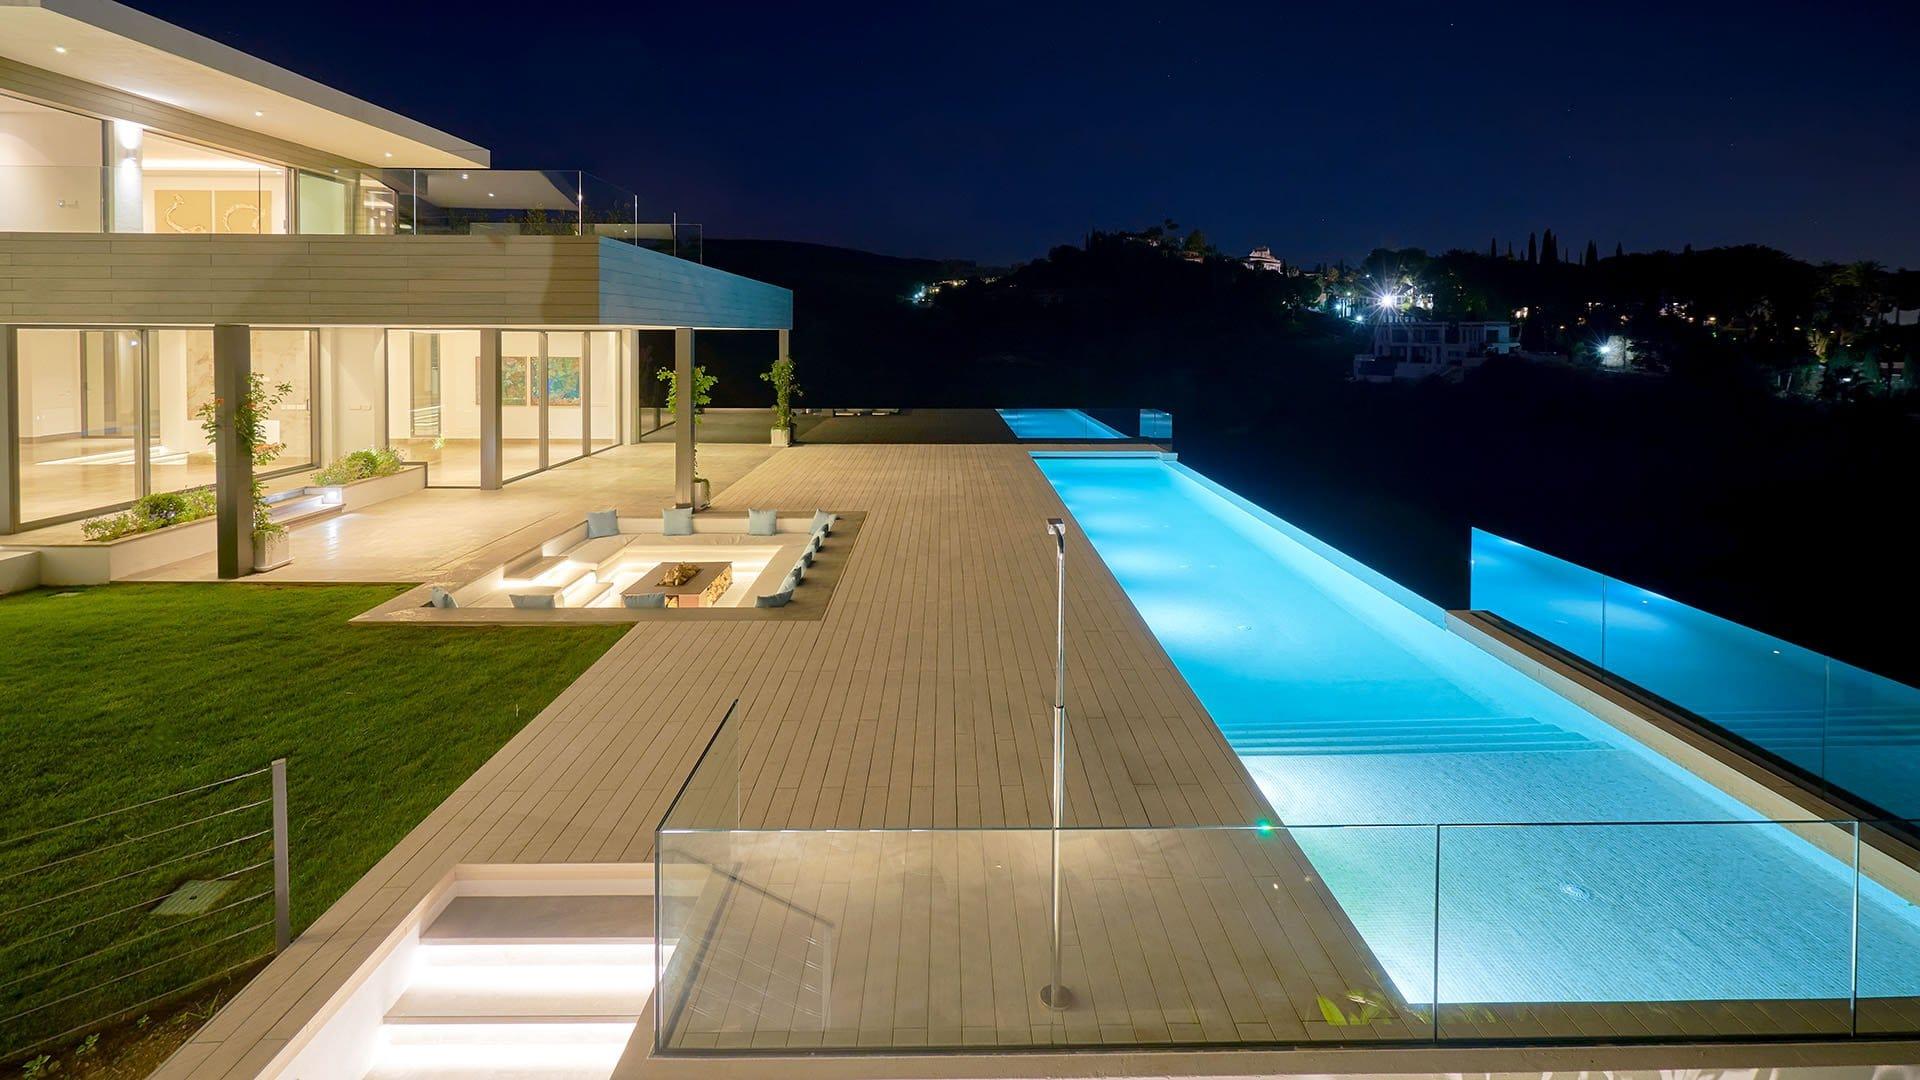 Villa The Vy: Prachtige eigentijdse villa met sensationele zichten op golf en zee